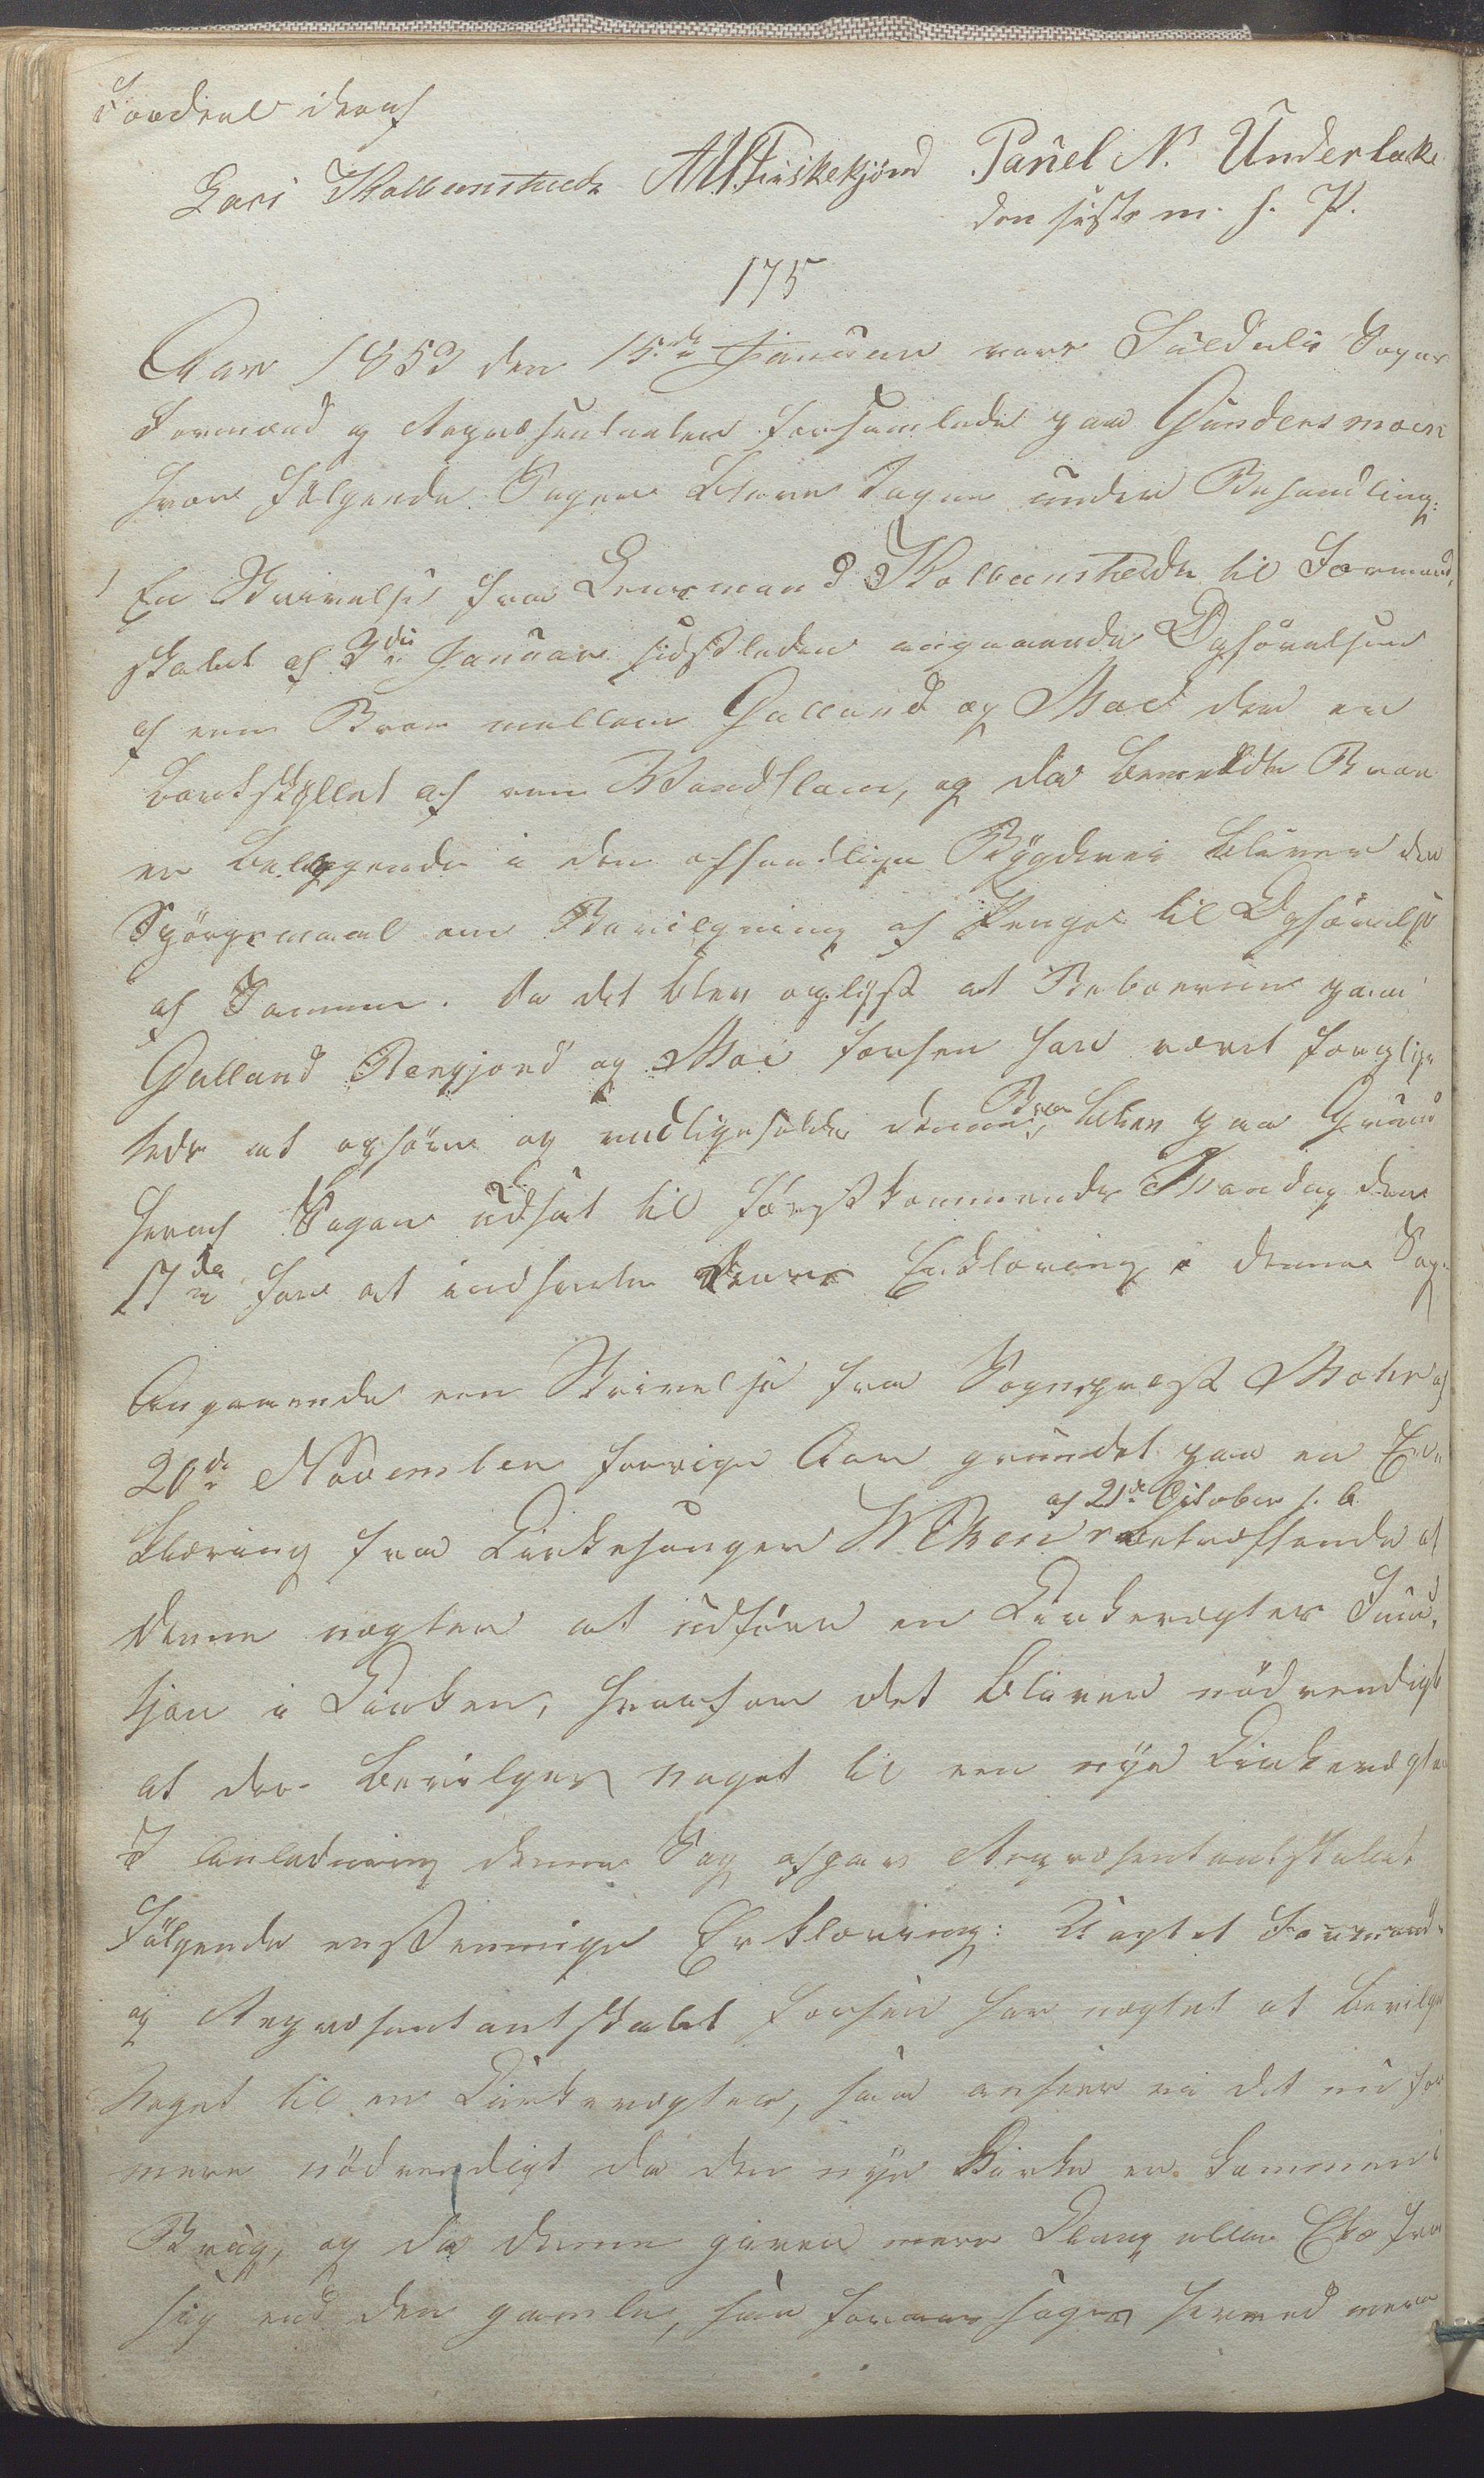 IKAR, Suldal kommune - Formannskapet/Rådmannen, A/Aa/L0001: Møtebok, 1837-1876, s. 96b